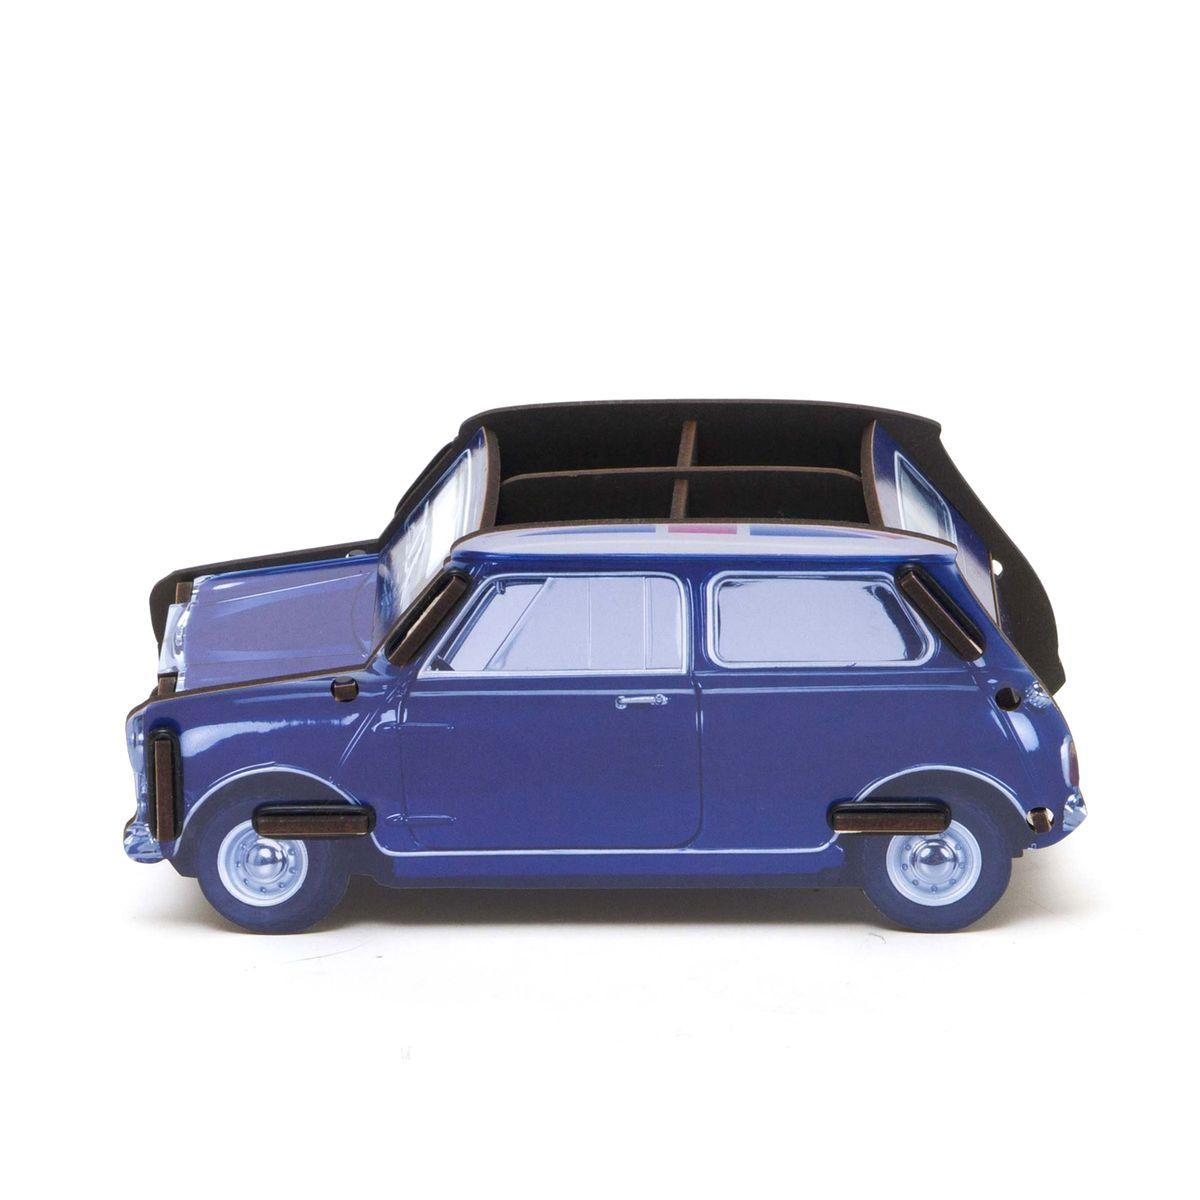 Органайзер настольный Homsu Mini Cooper, 22 x 9 x 10 см bburago 18 12036 gold mini cooper 1969